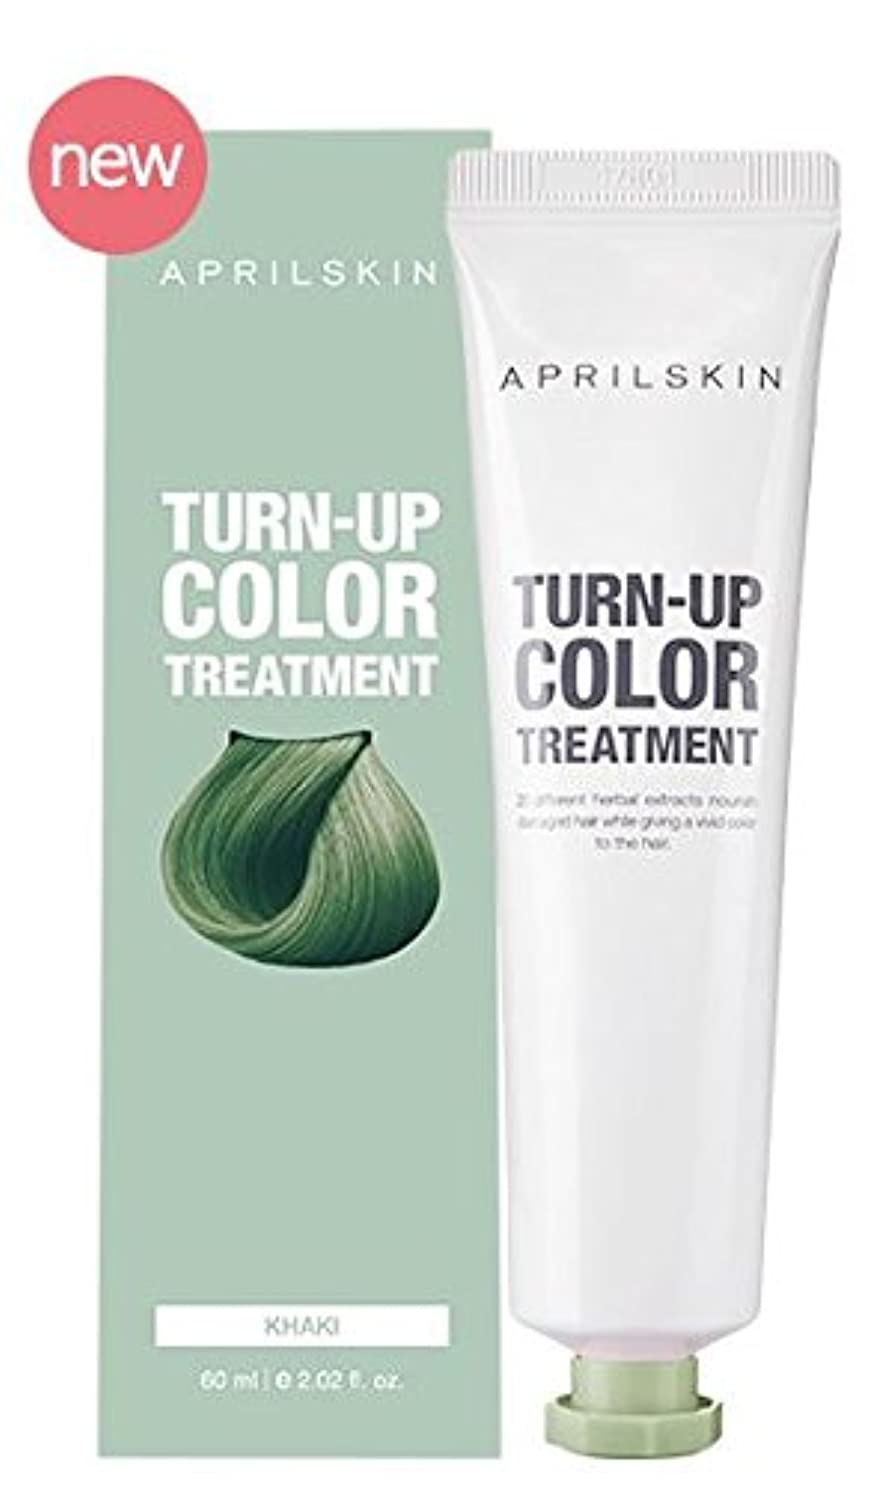 によると血色の良い性差別APRIL SKIN Turn-up Color Treatment 60ml/エイプリルスキン ターン アップ カラー トリートメント 60ml (#Khaki (New Color)) [並行輸入品]